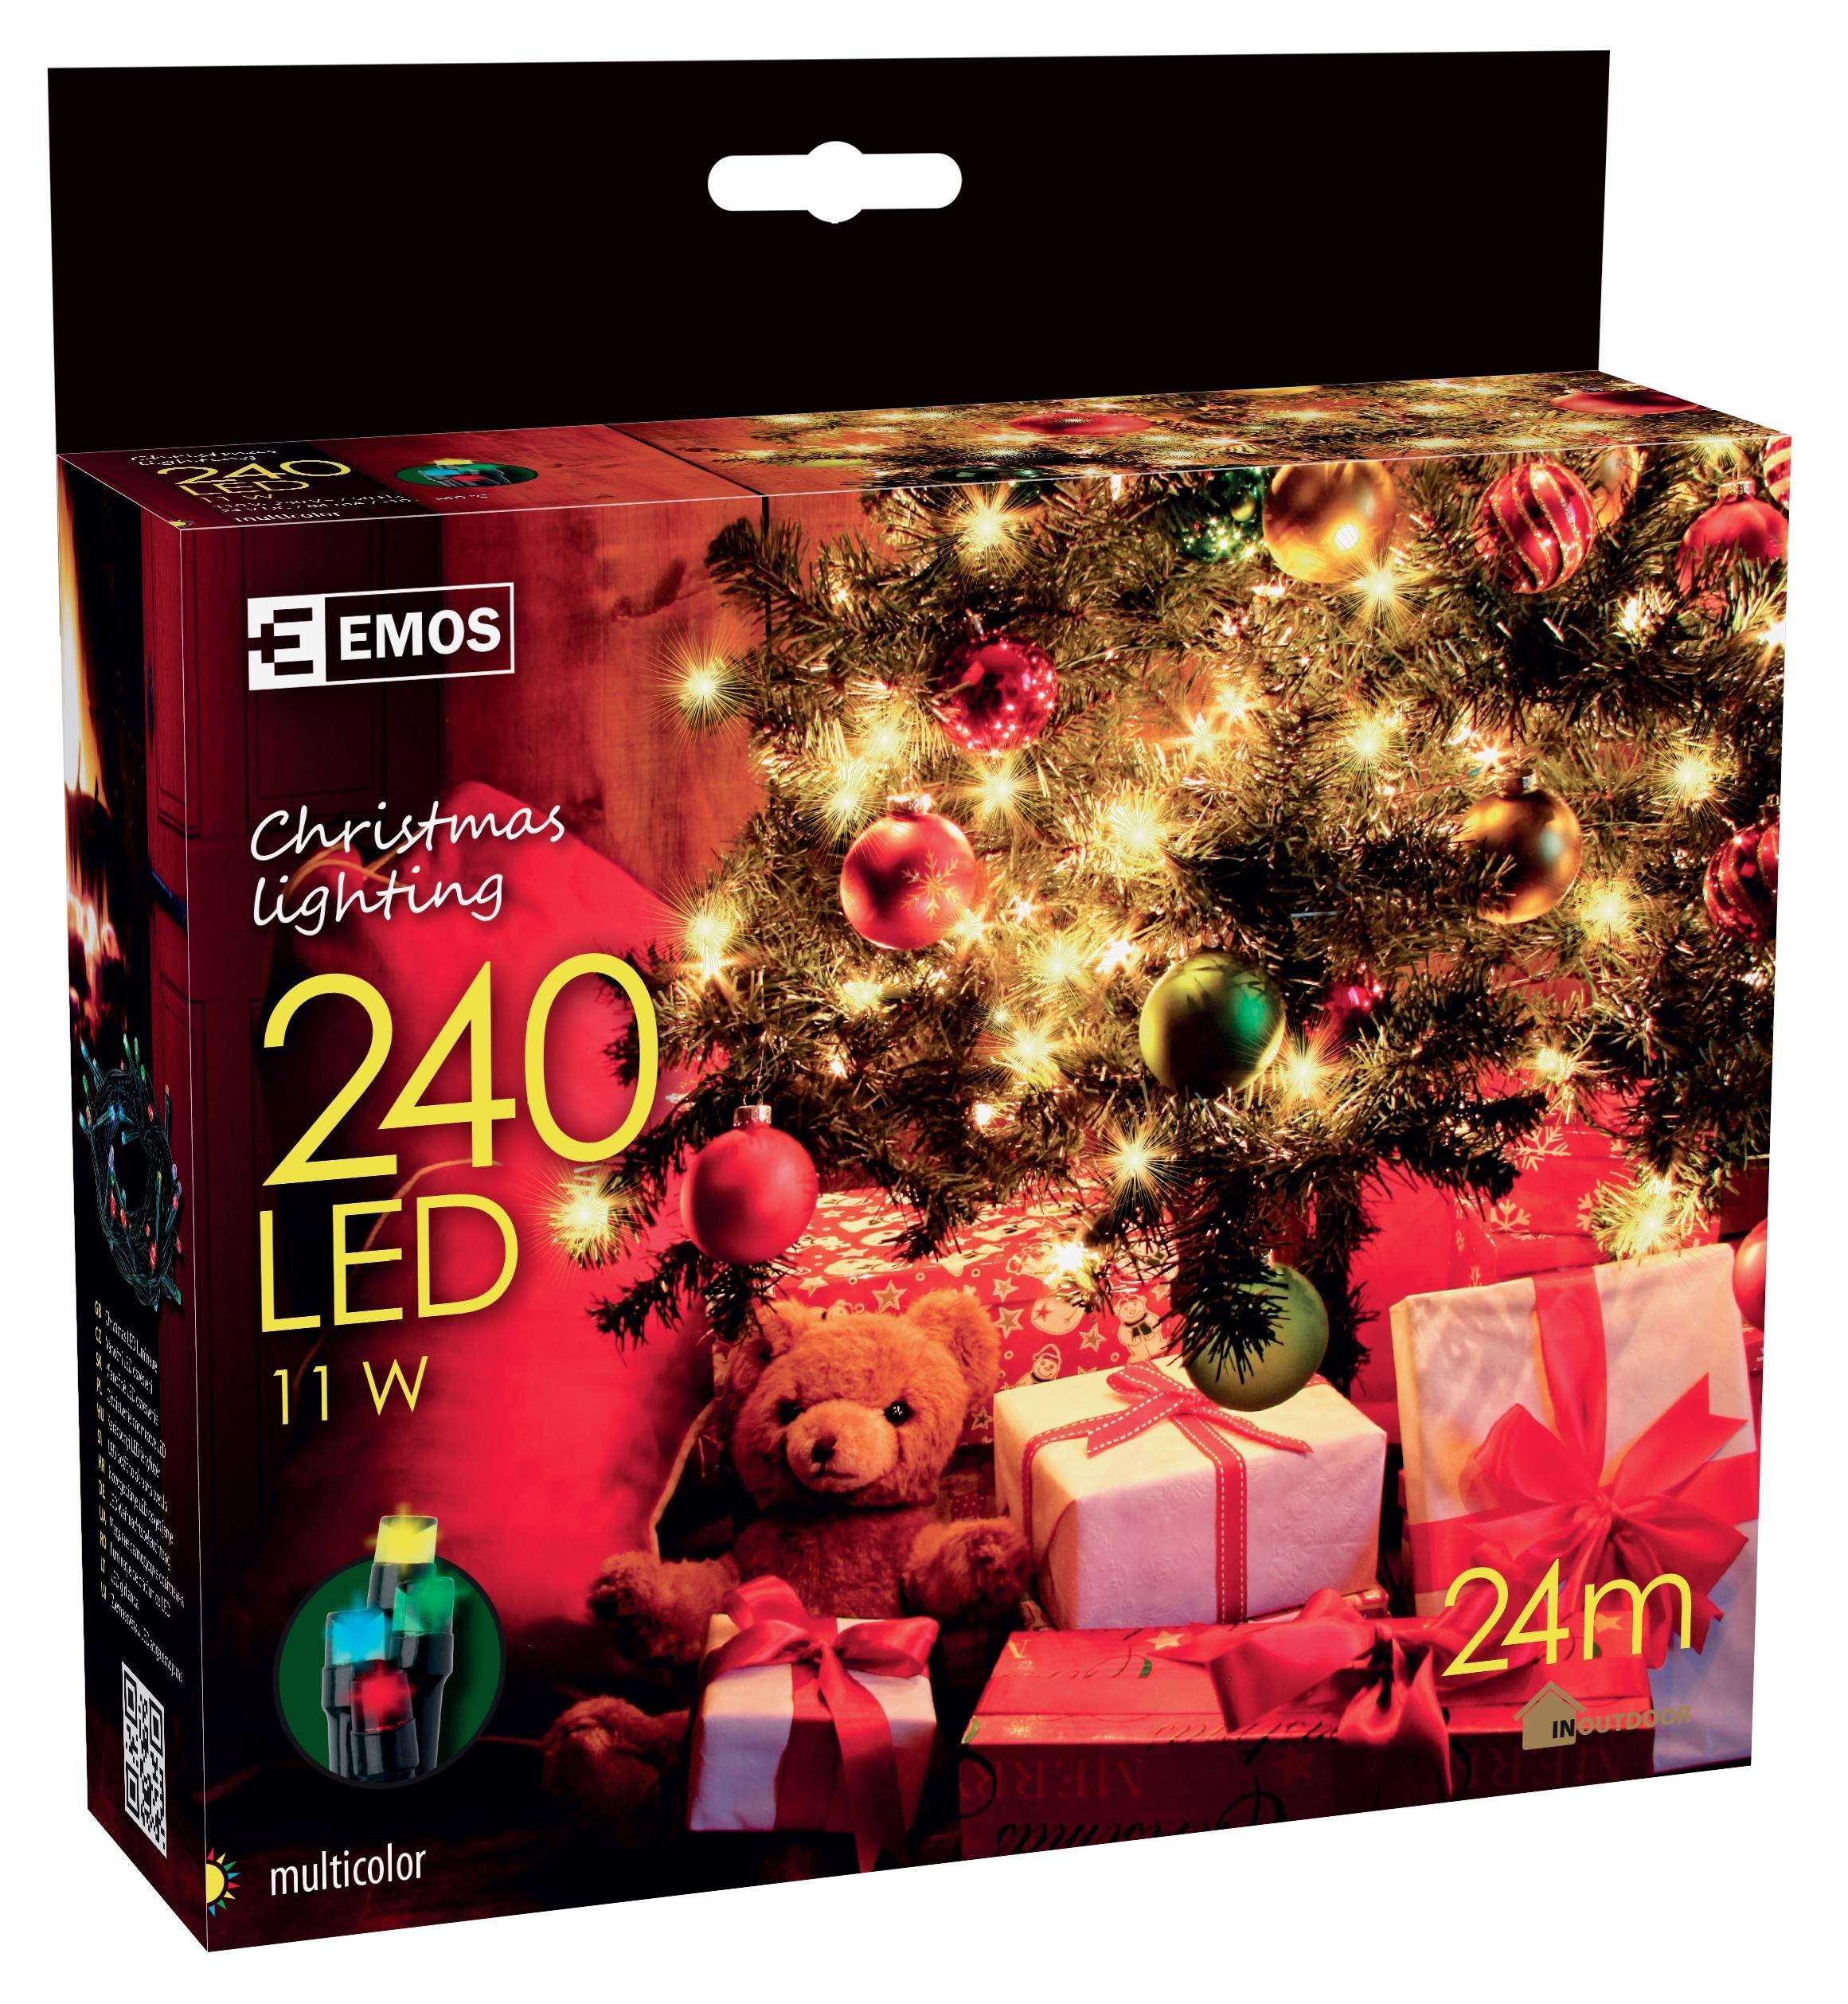 240 LED vánoční osvětlení 24M IP44 multicolor